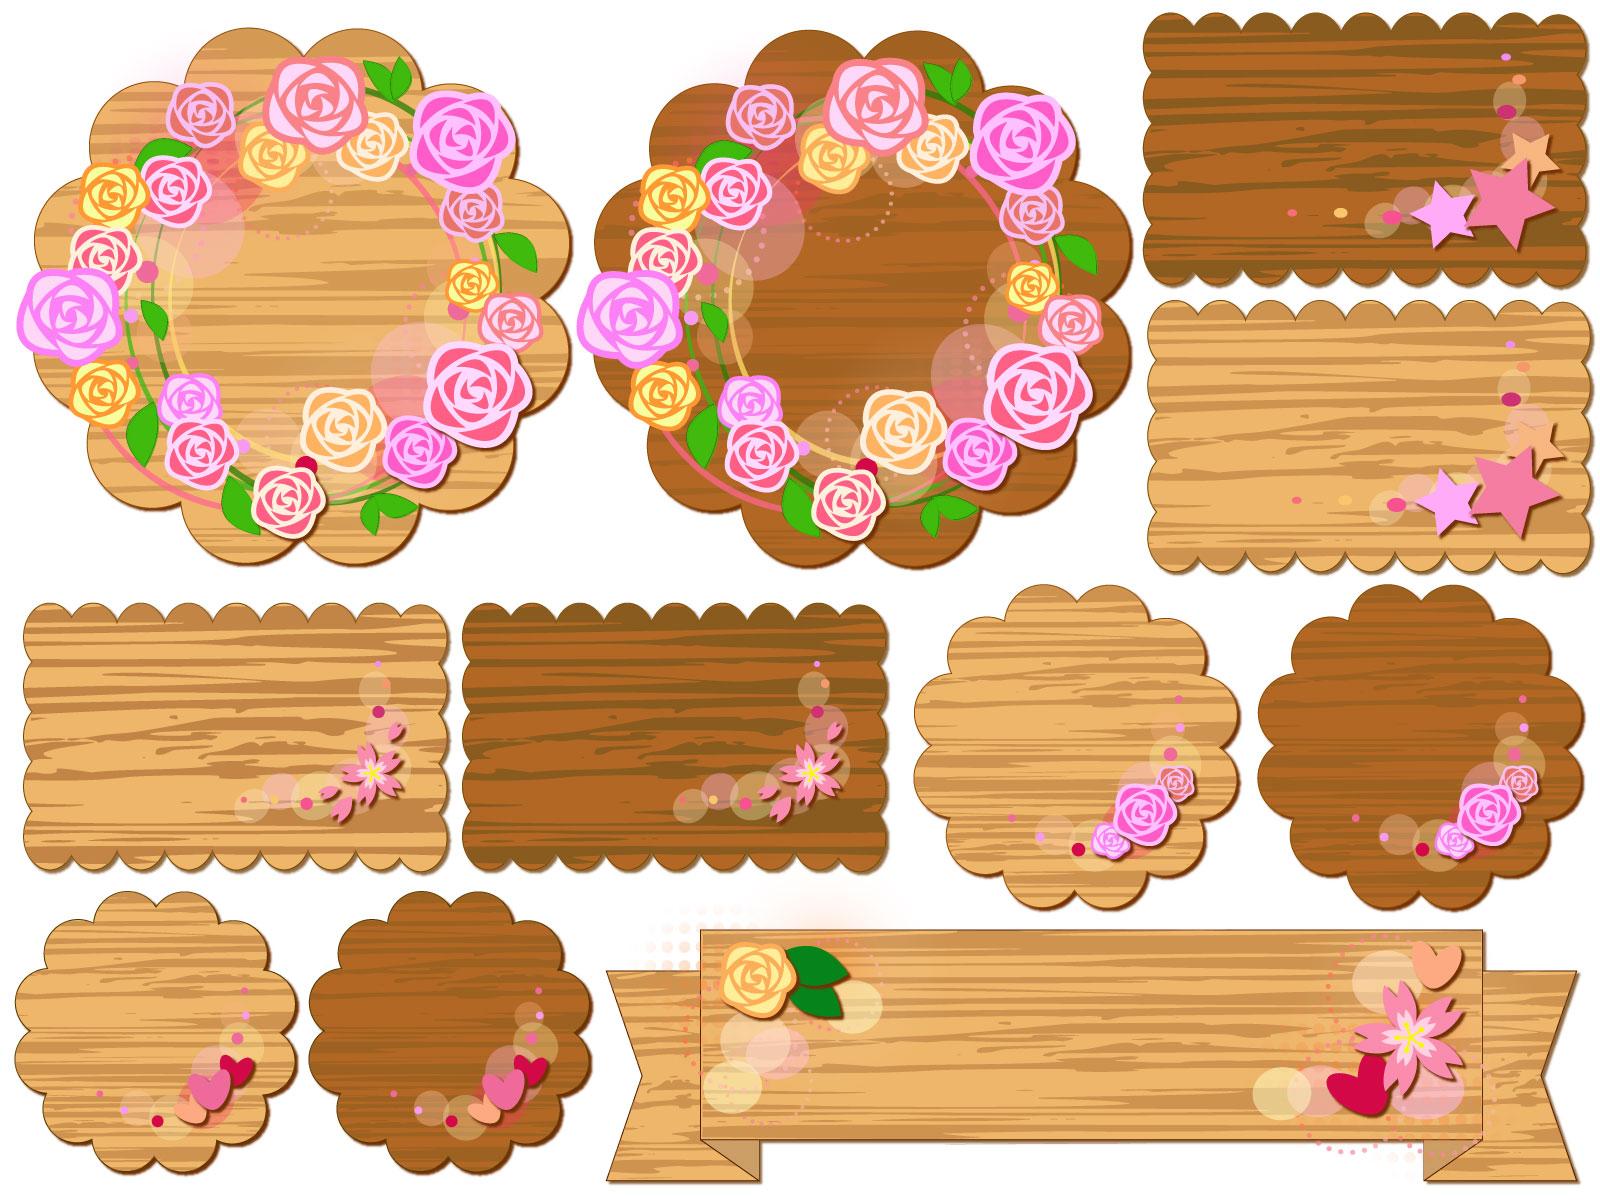 木の枠のイラスト!木目調のフレーム・背景!ハロウィン、クリスマスなどあり